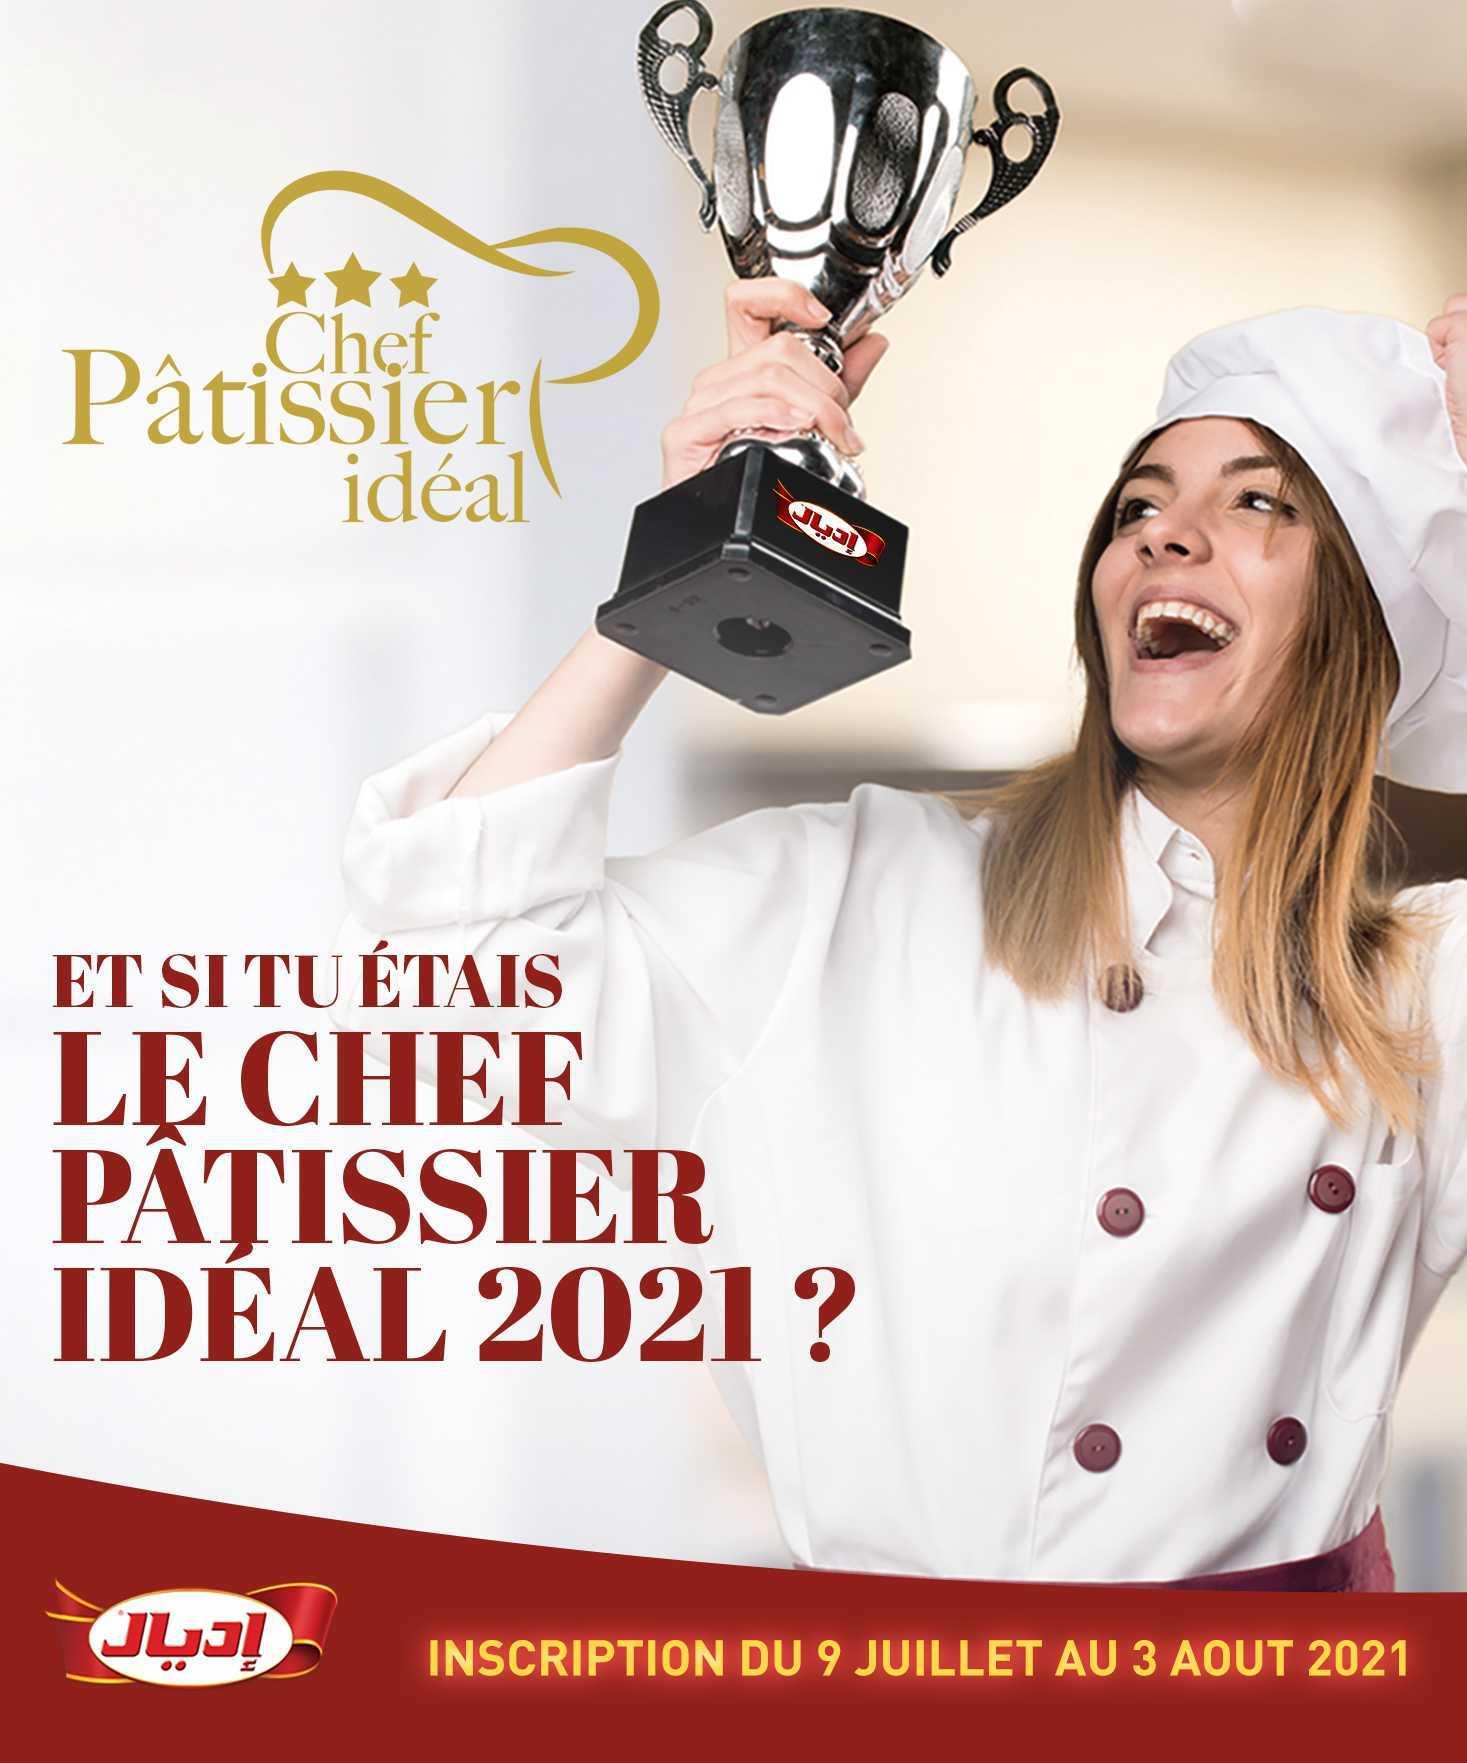 Idéal célèbre le savoir-faire des chefs pâtissiers marocains